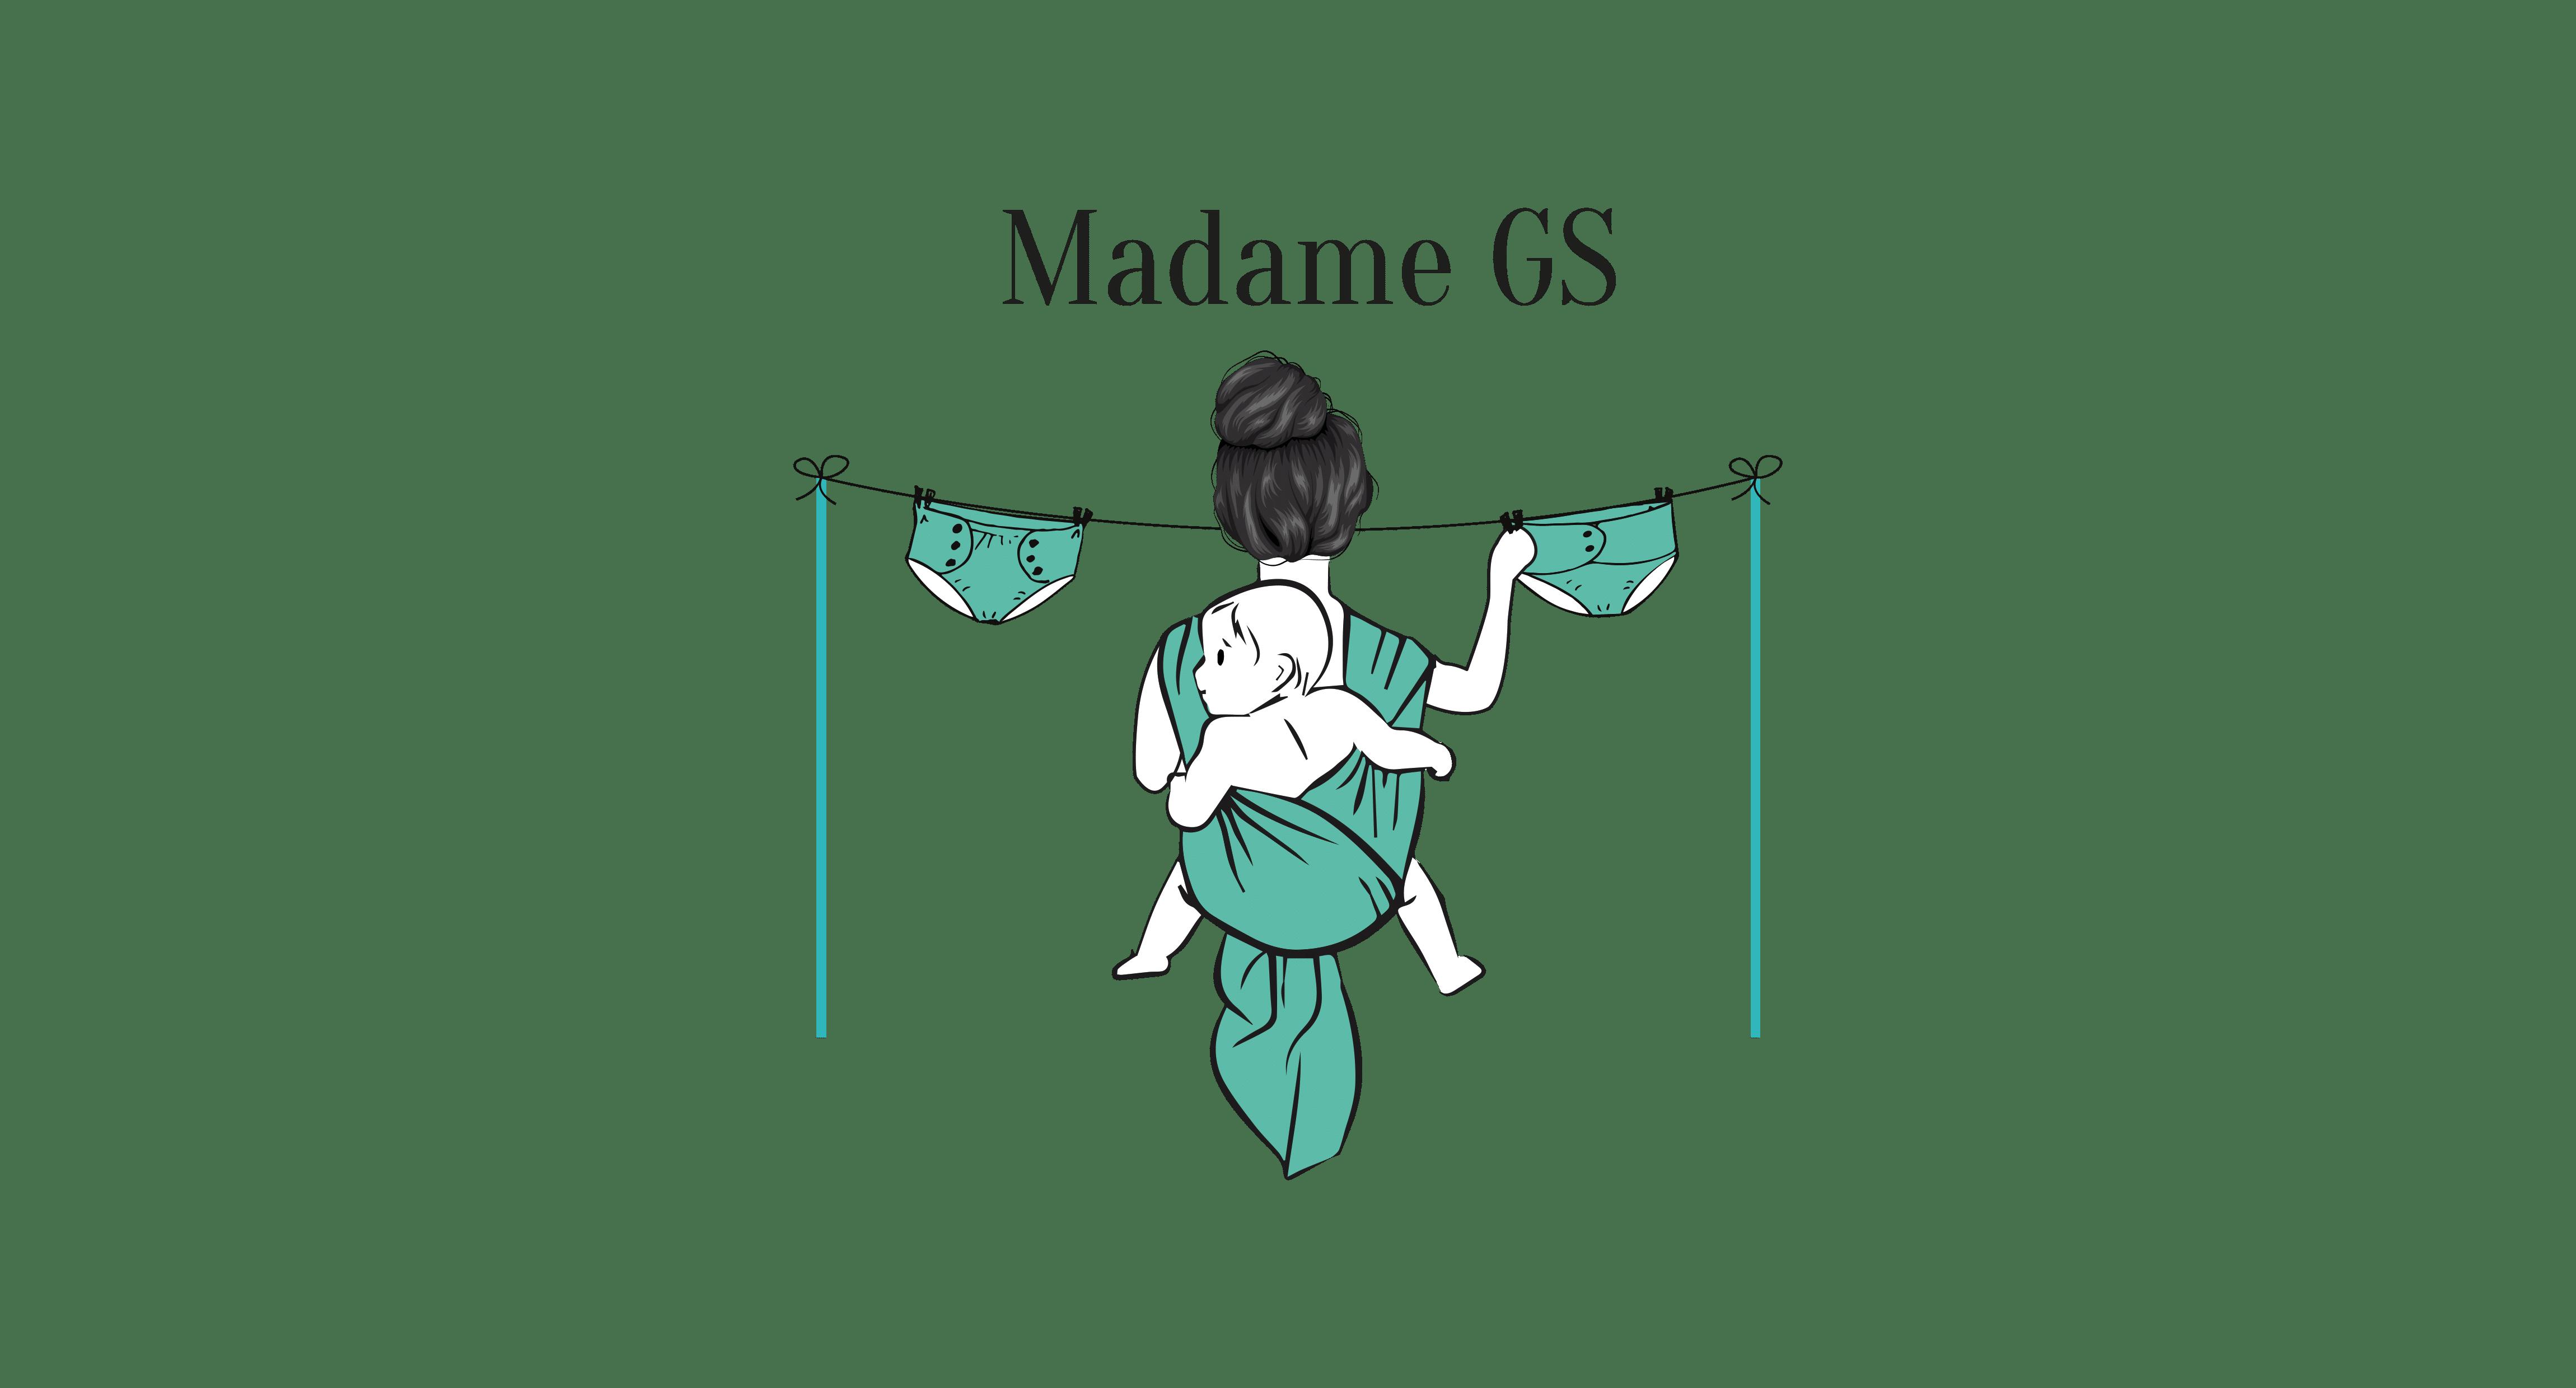 Madame GS